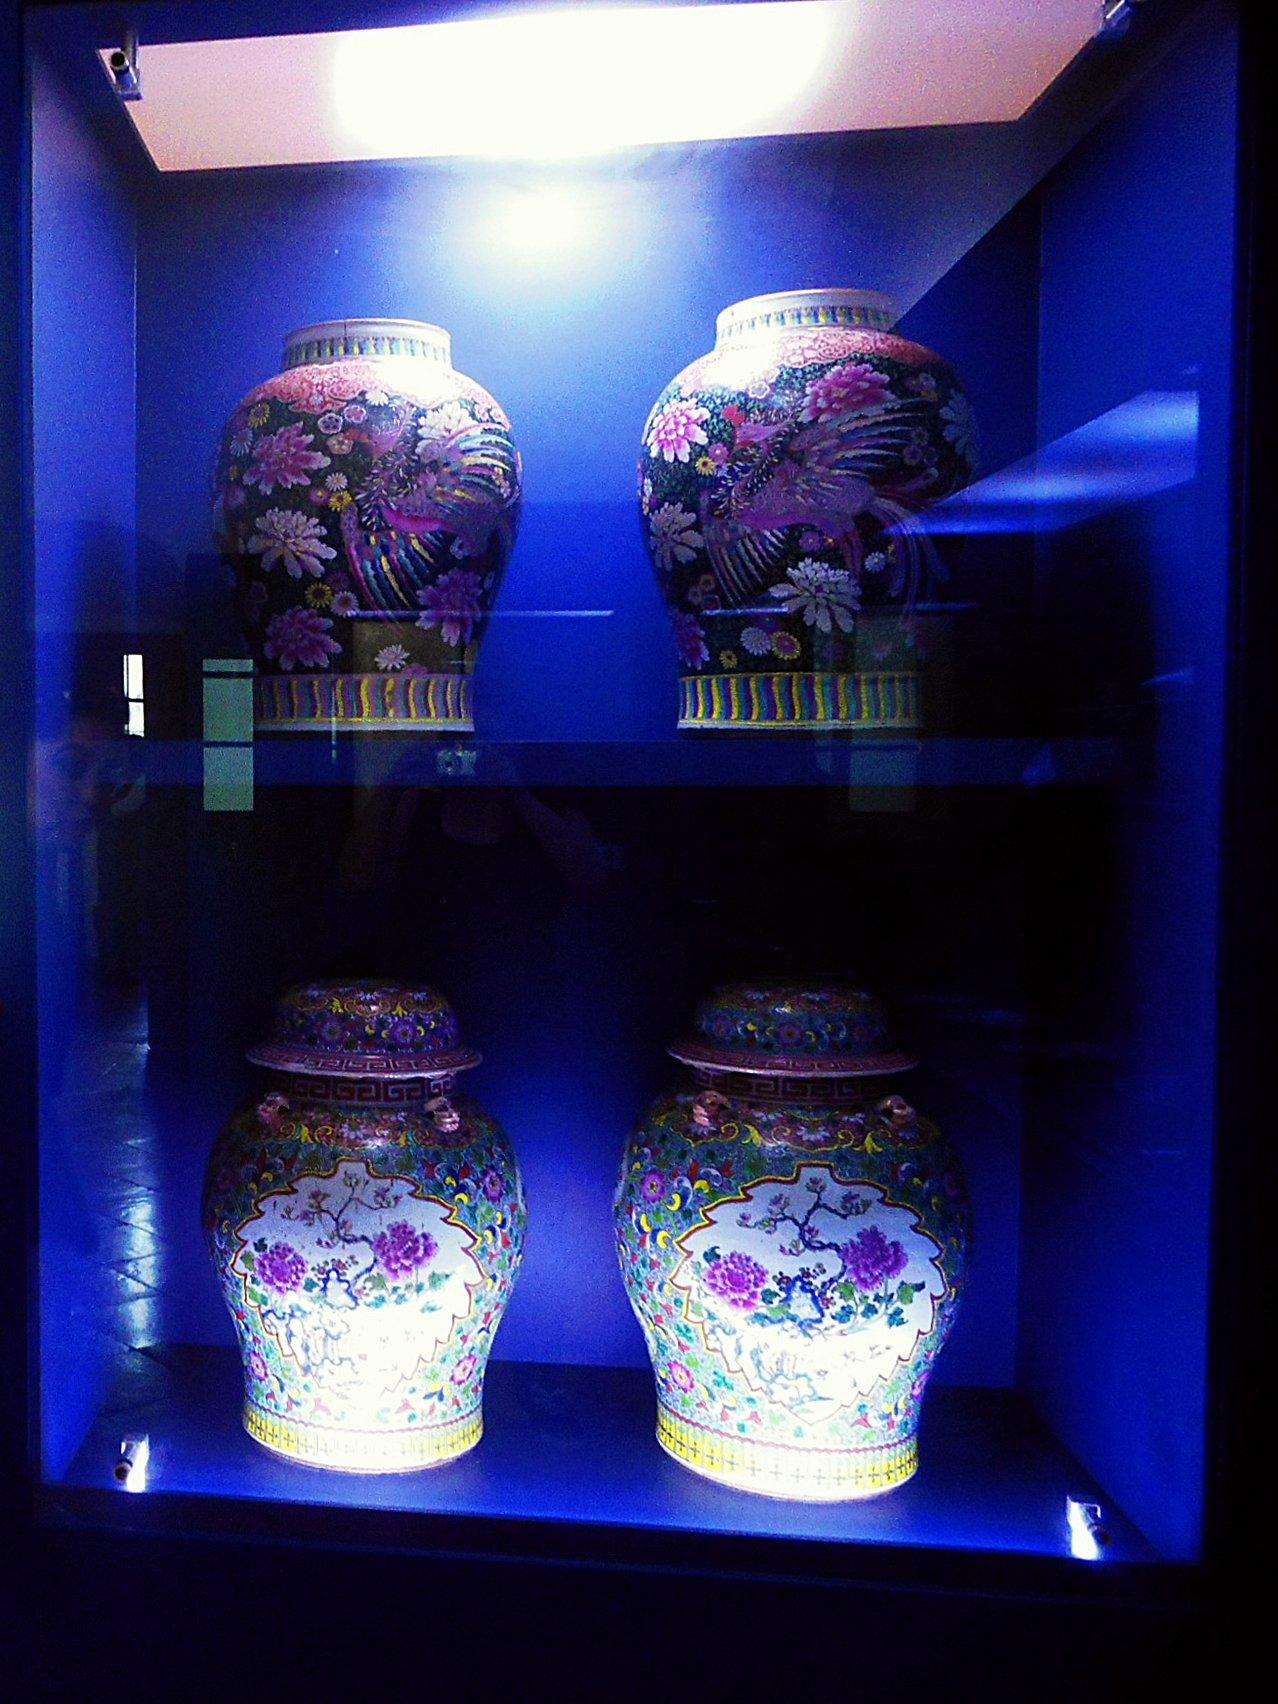 Ejemplos de las delicadas porcelanas que se exhiben.